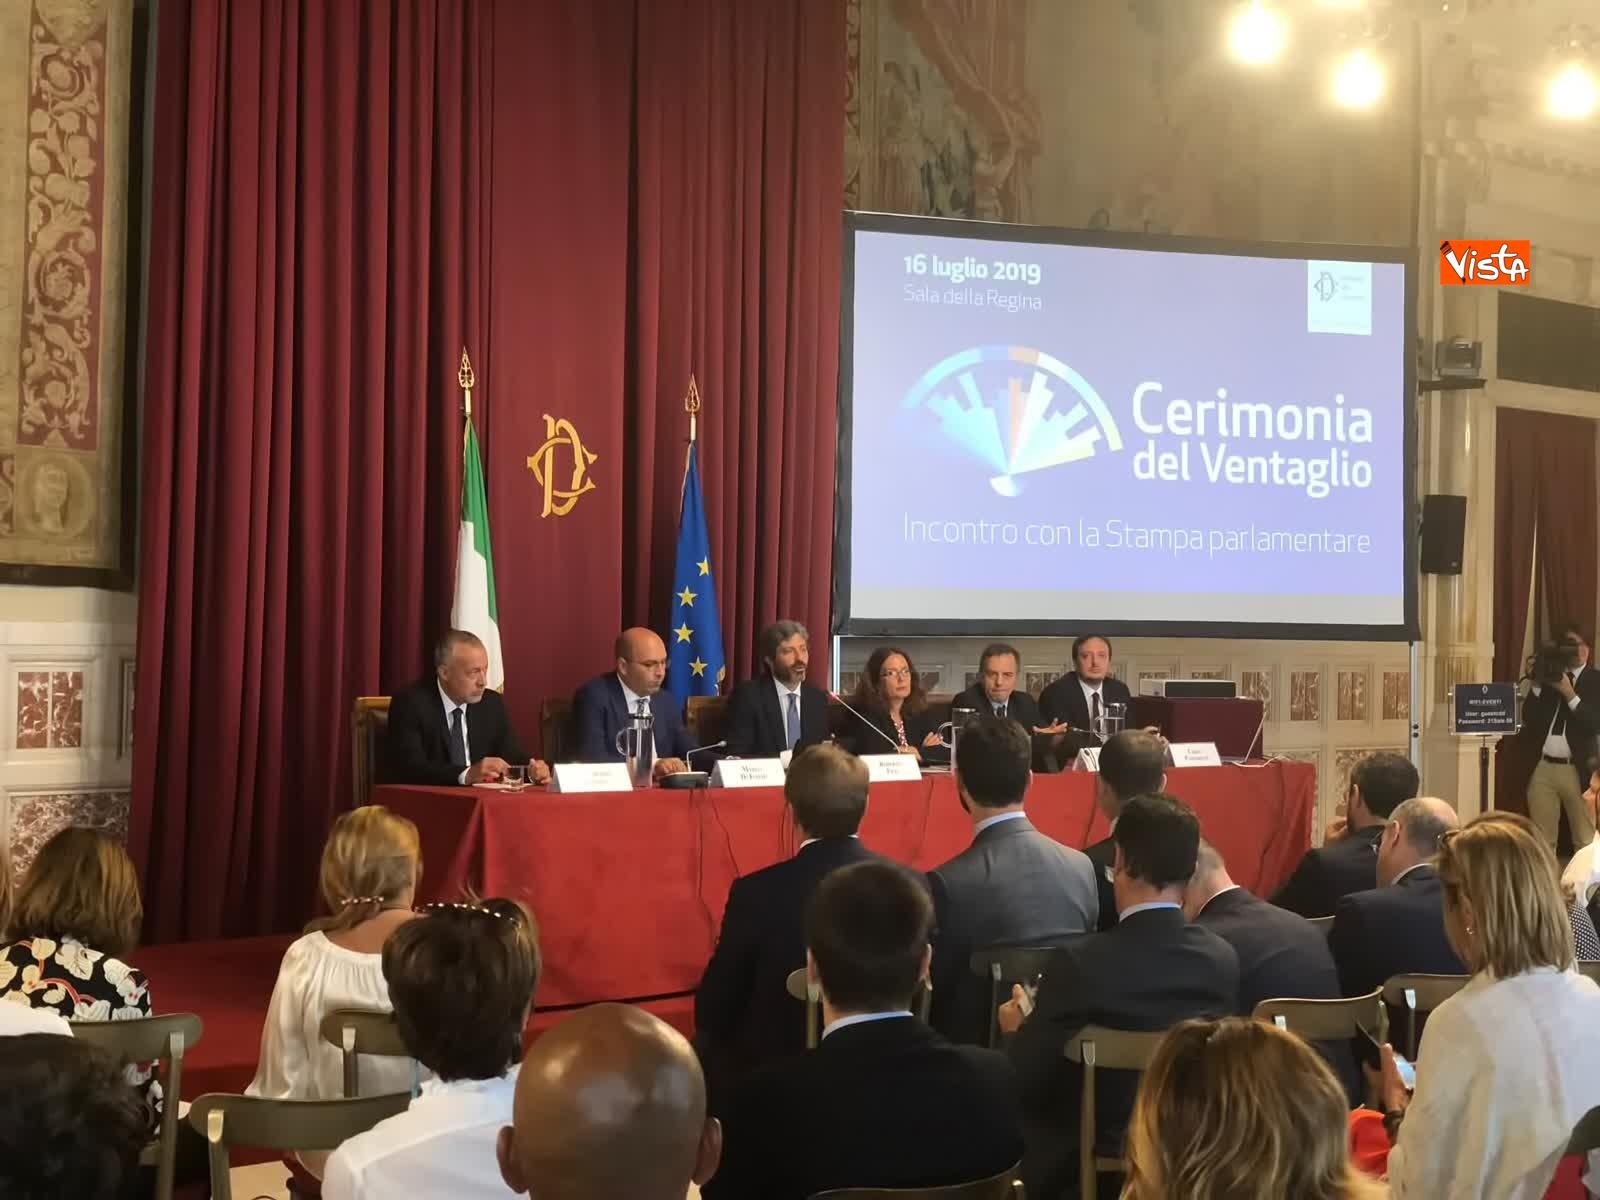 16-07-19 Cerimonia del Ventaglio a Montecitorio Fico incontra la stampa parlamentare immagini_03